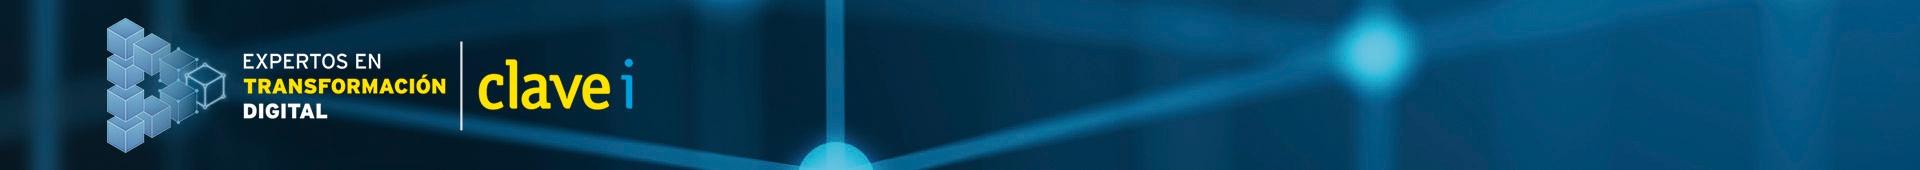 Clavei-TD-header